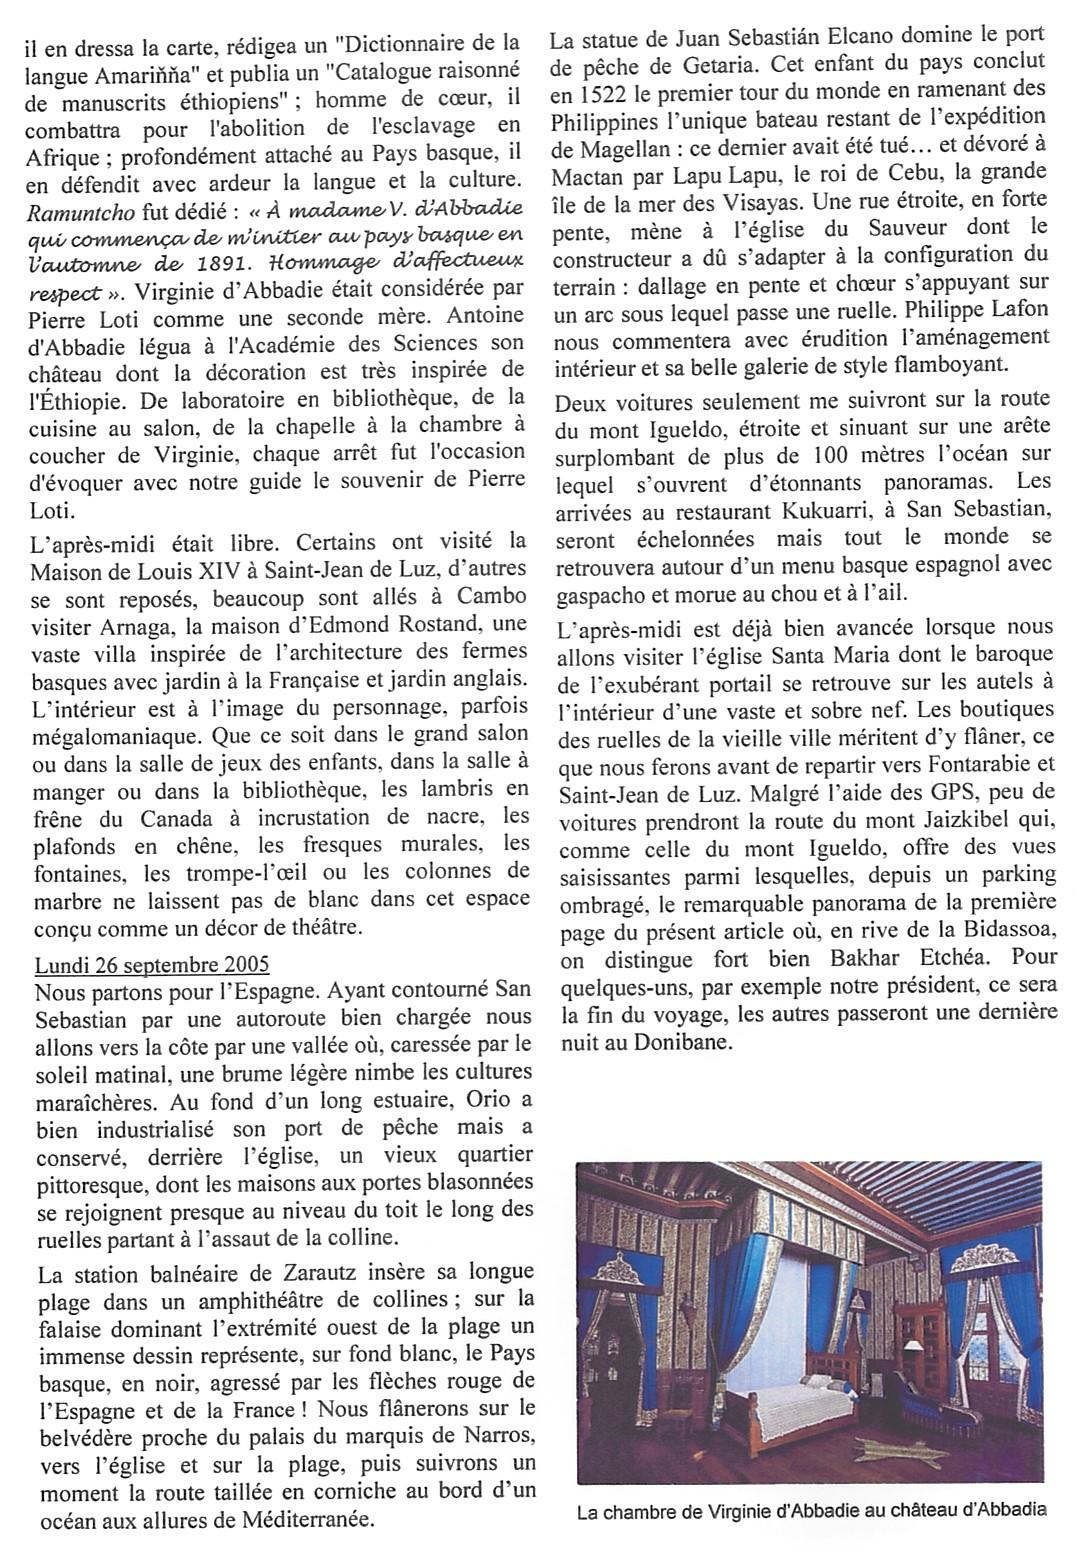 voyage au pays de Ramuntcho-page6(20)+